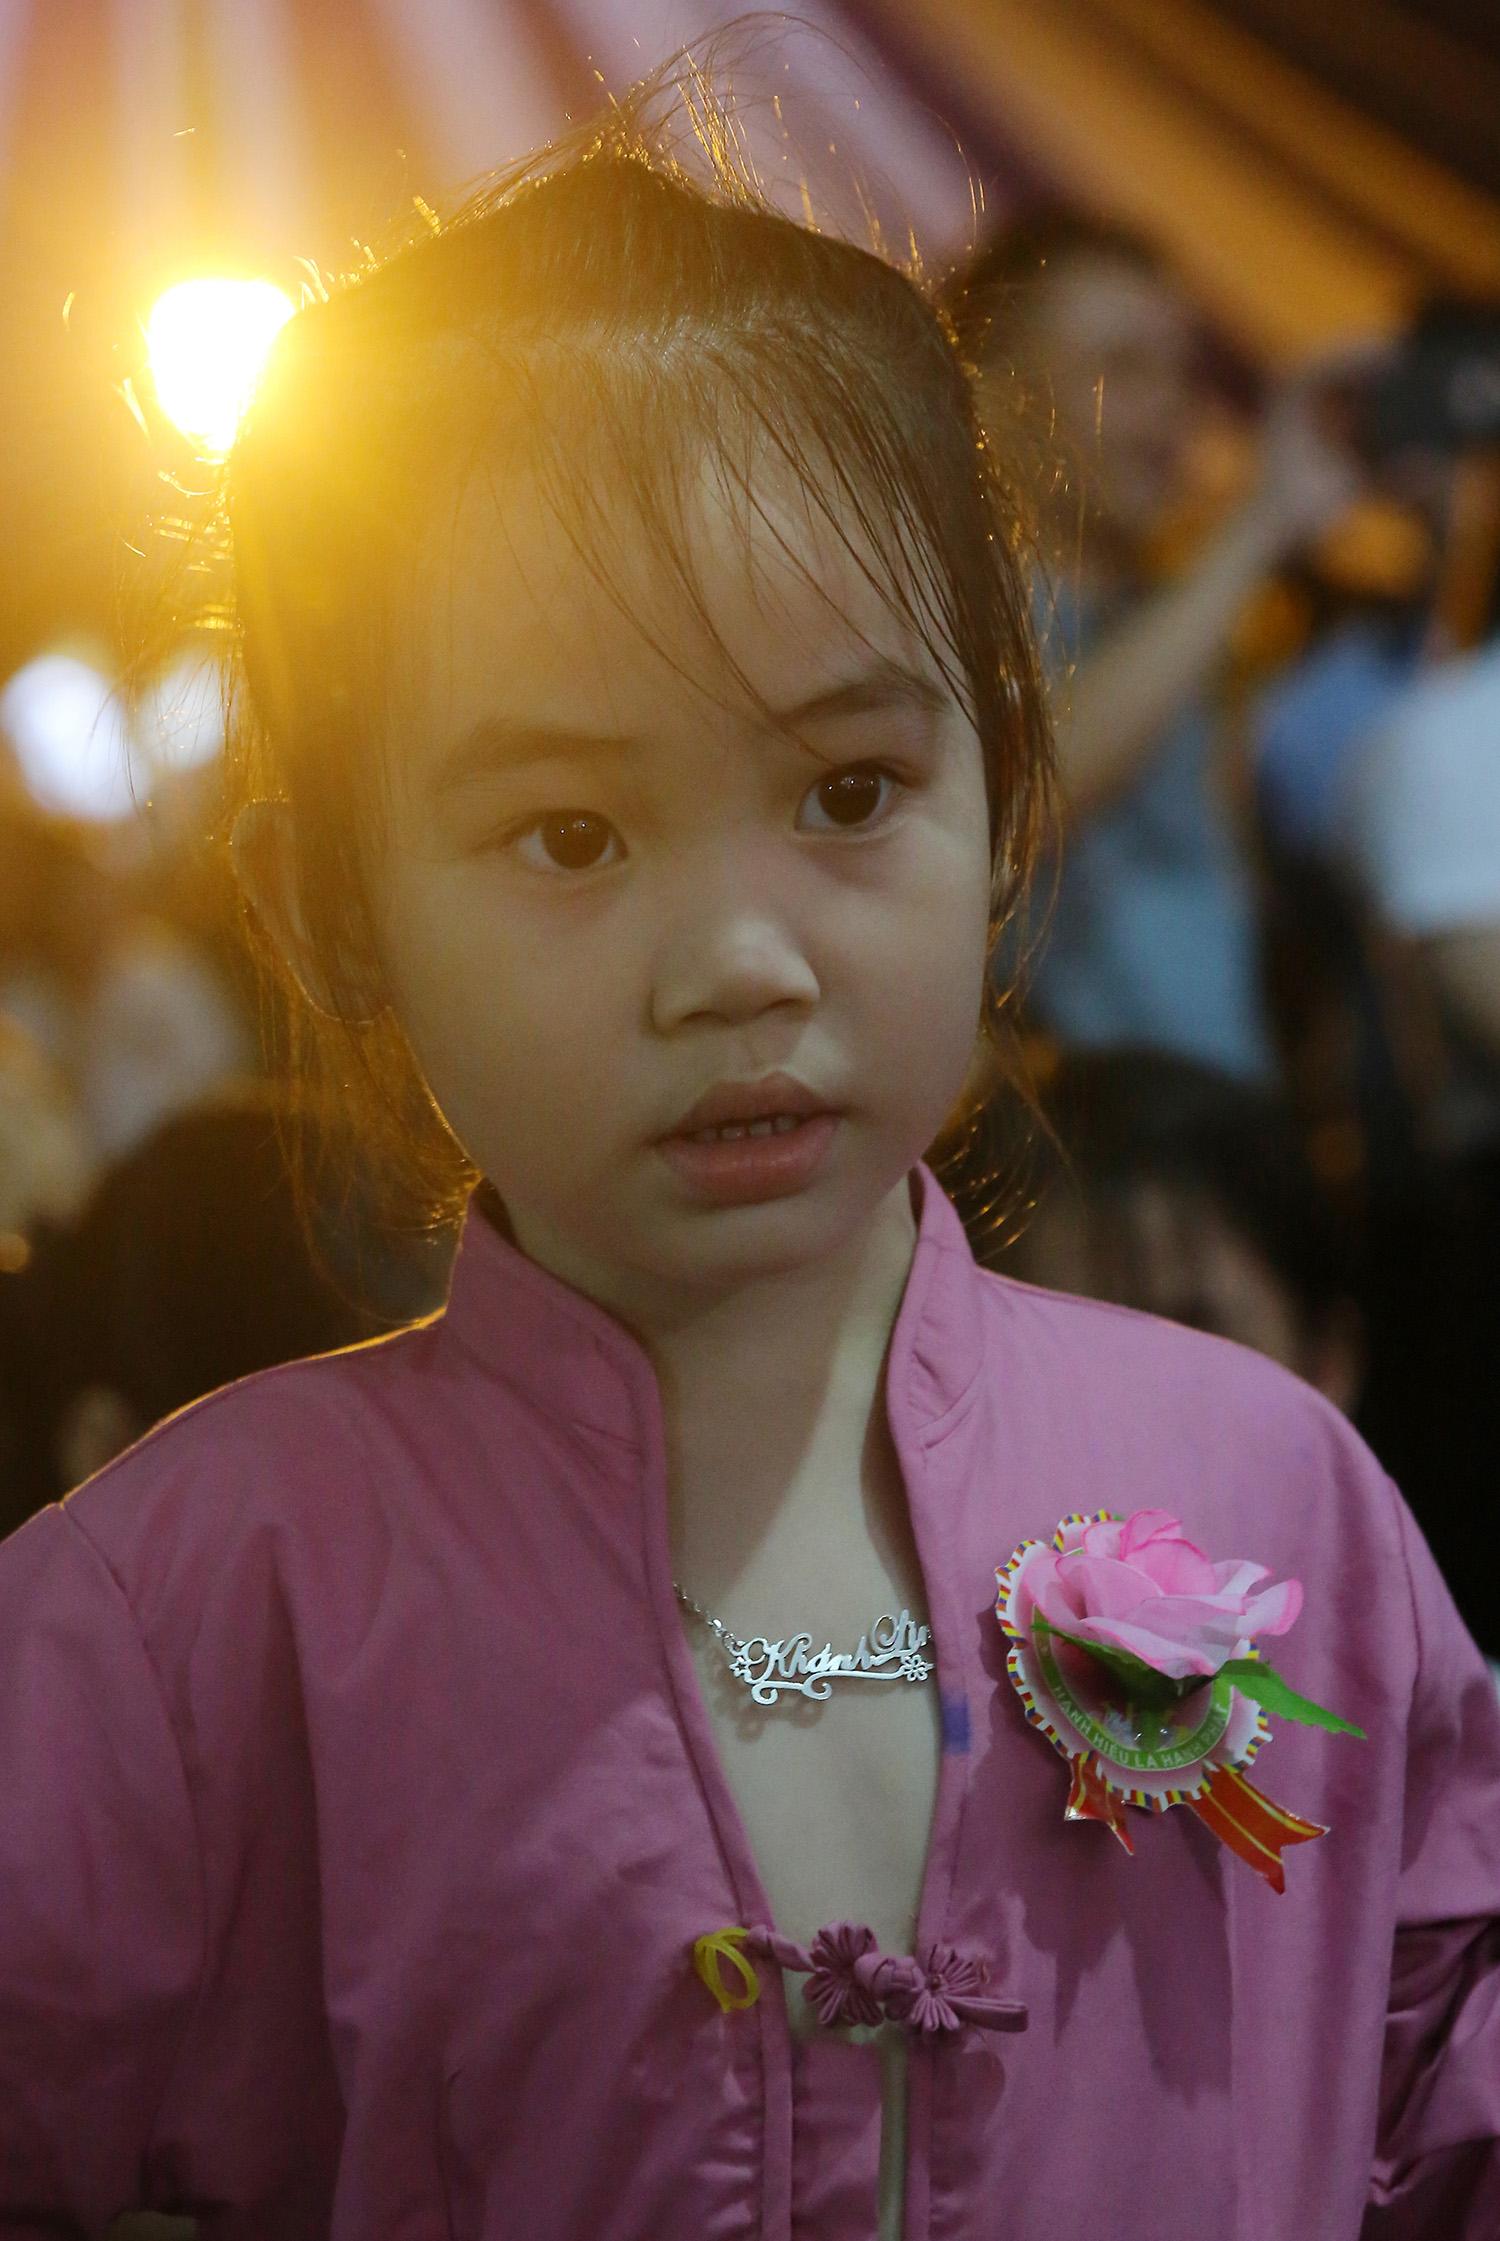 Một em bé cài bông hồng phai trên ngực tại Lễ Vu lan Báo hiếu chùa Kim Sơn Lạc Hồng.